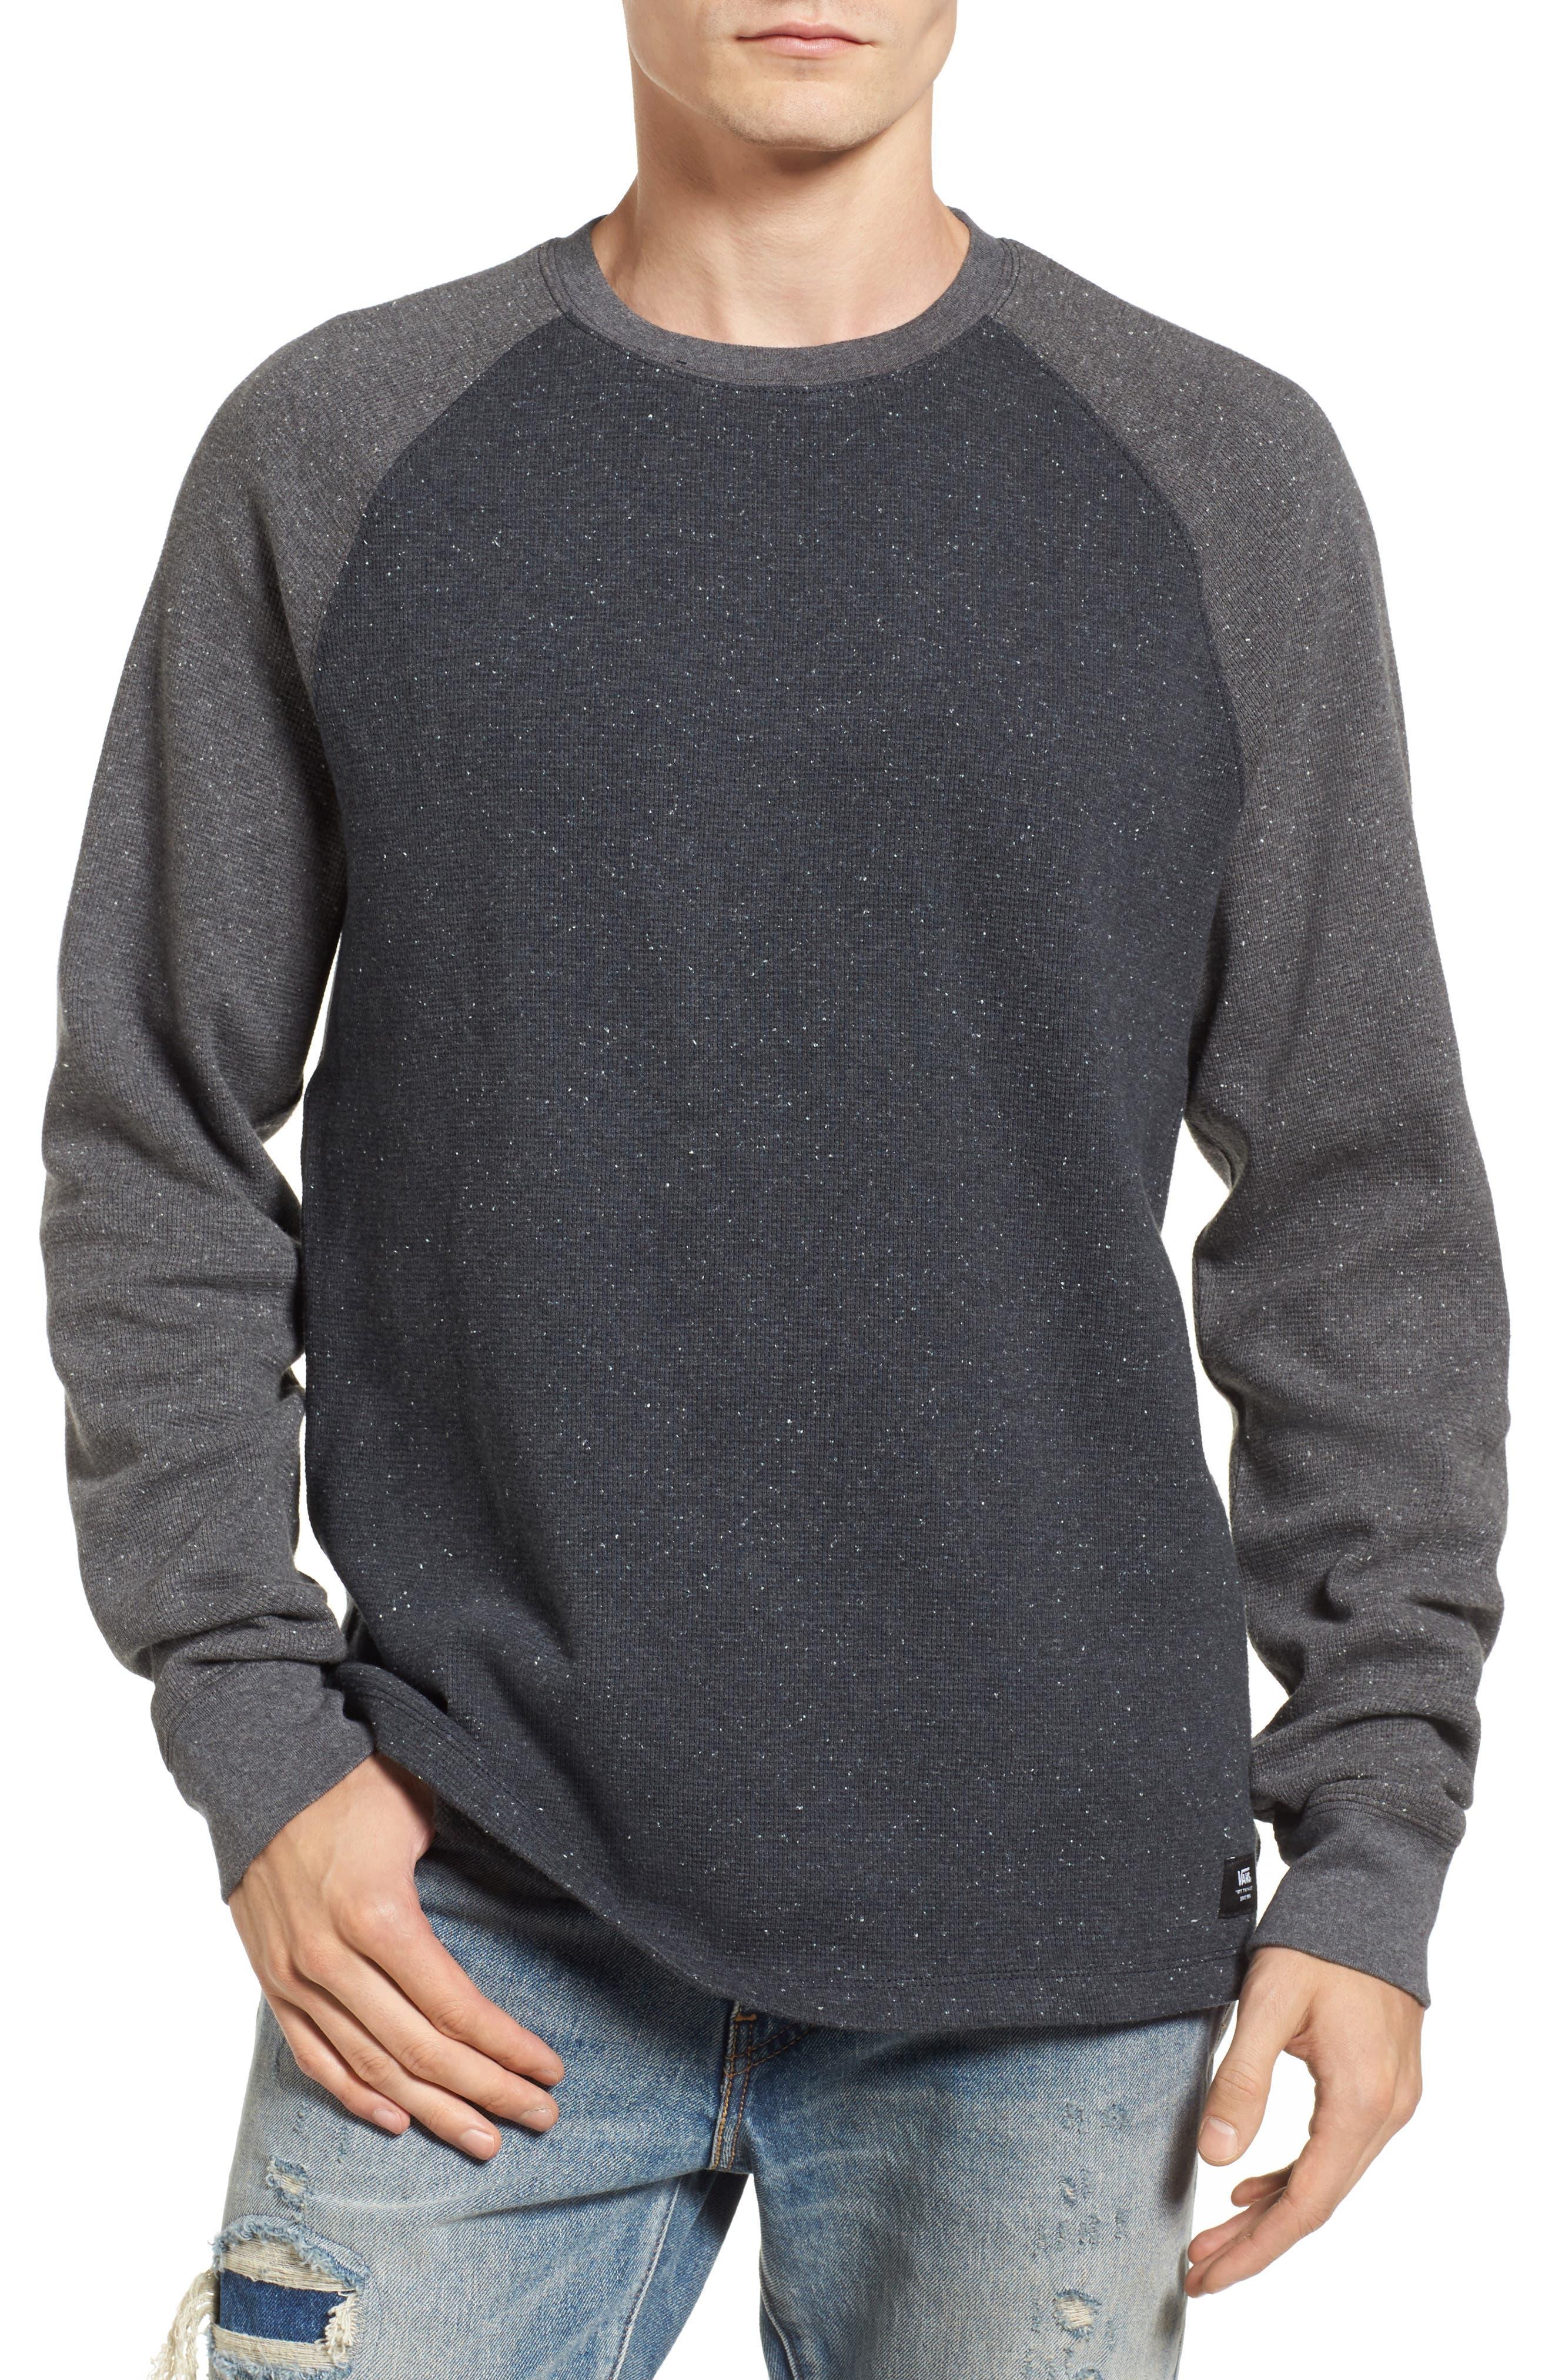 Main Image - Vans Burdett Thermal T-Shirt